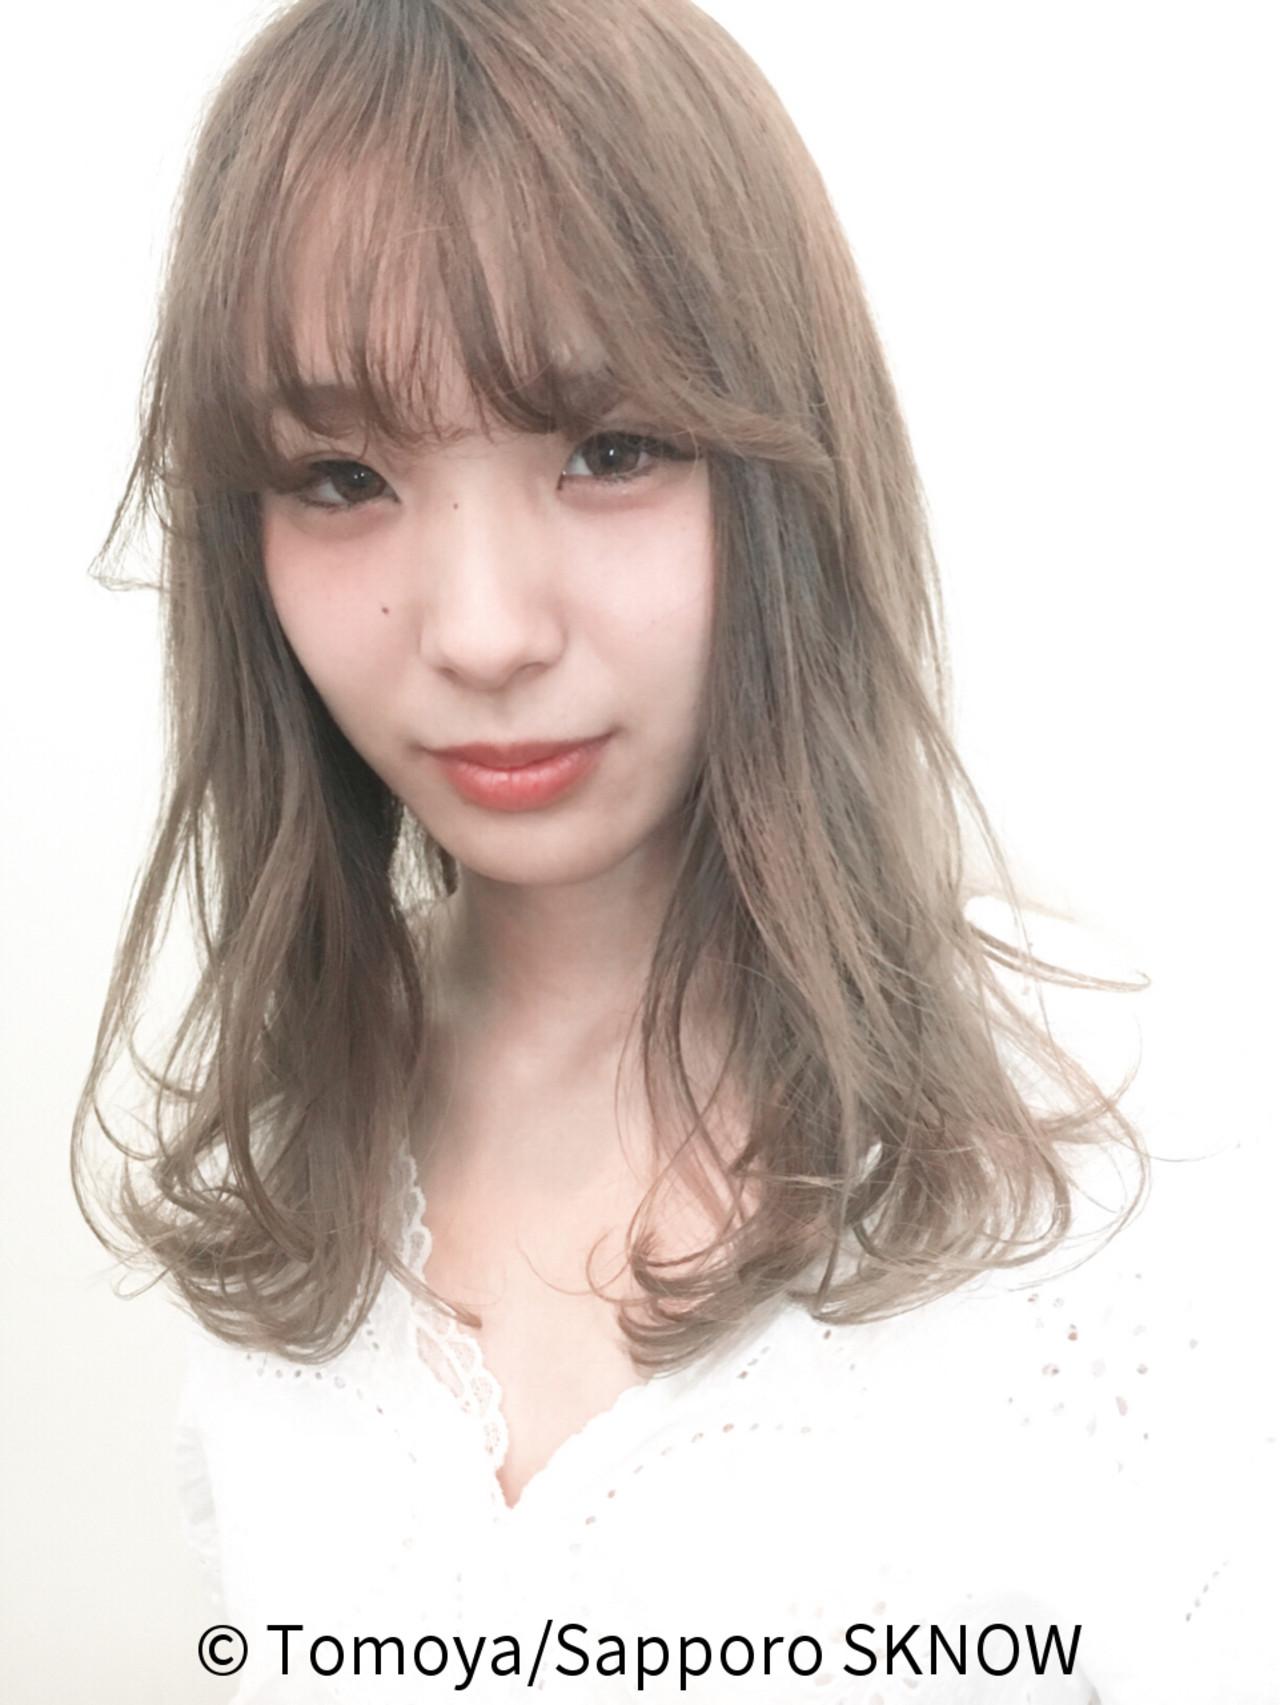 tomoya Tomoya/Sapporo SKNOWさんのヘアスタイルスナップ(ID:291353)